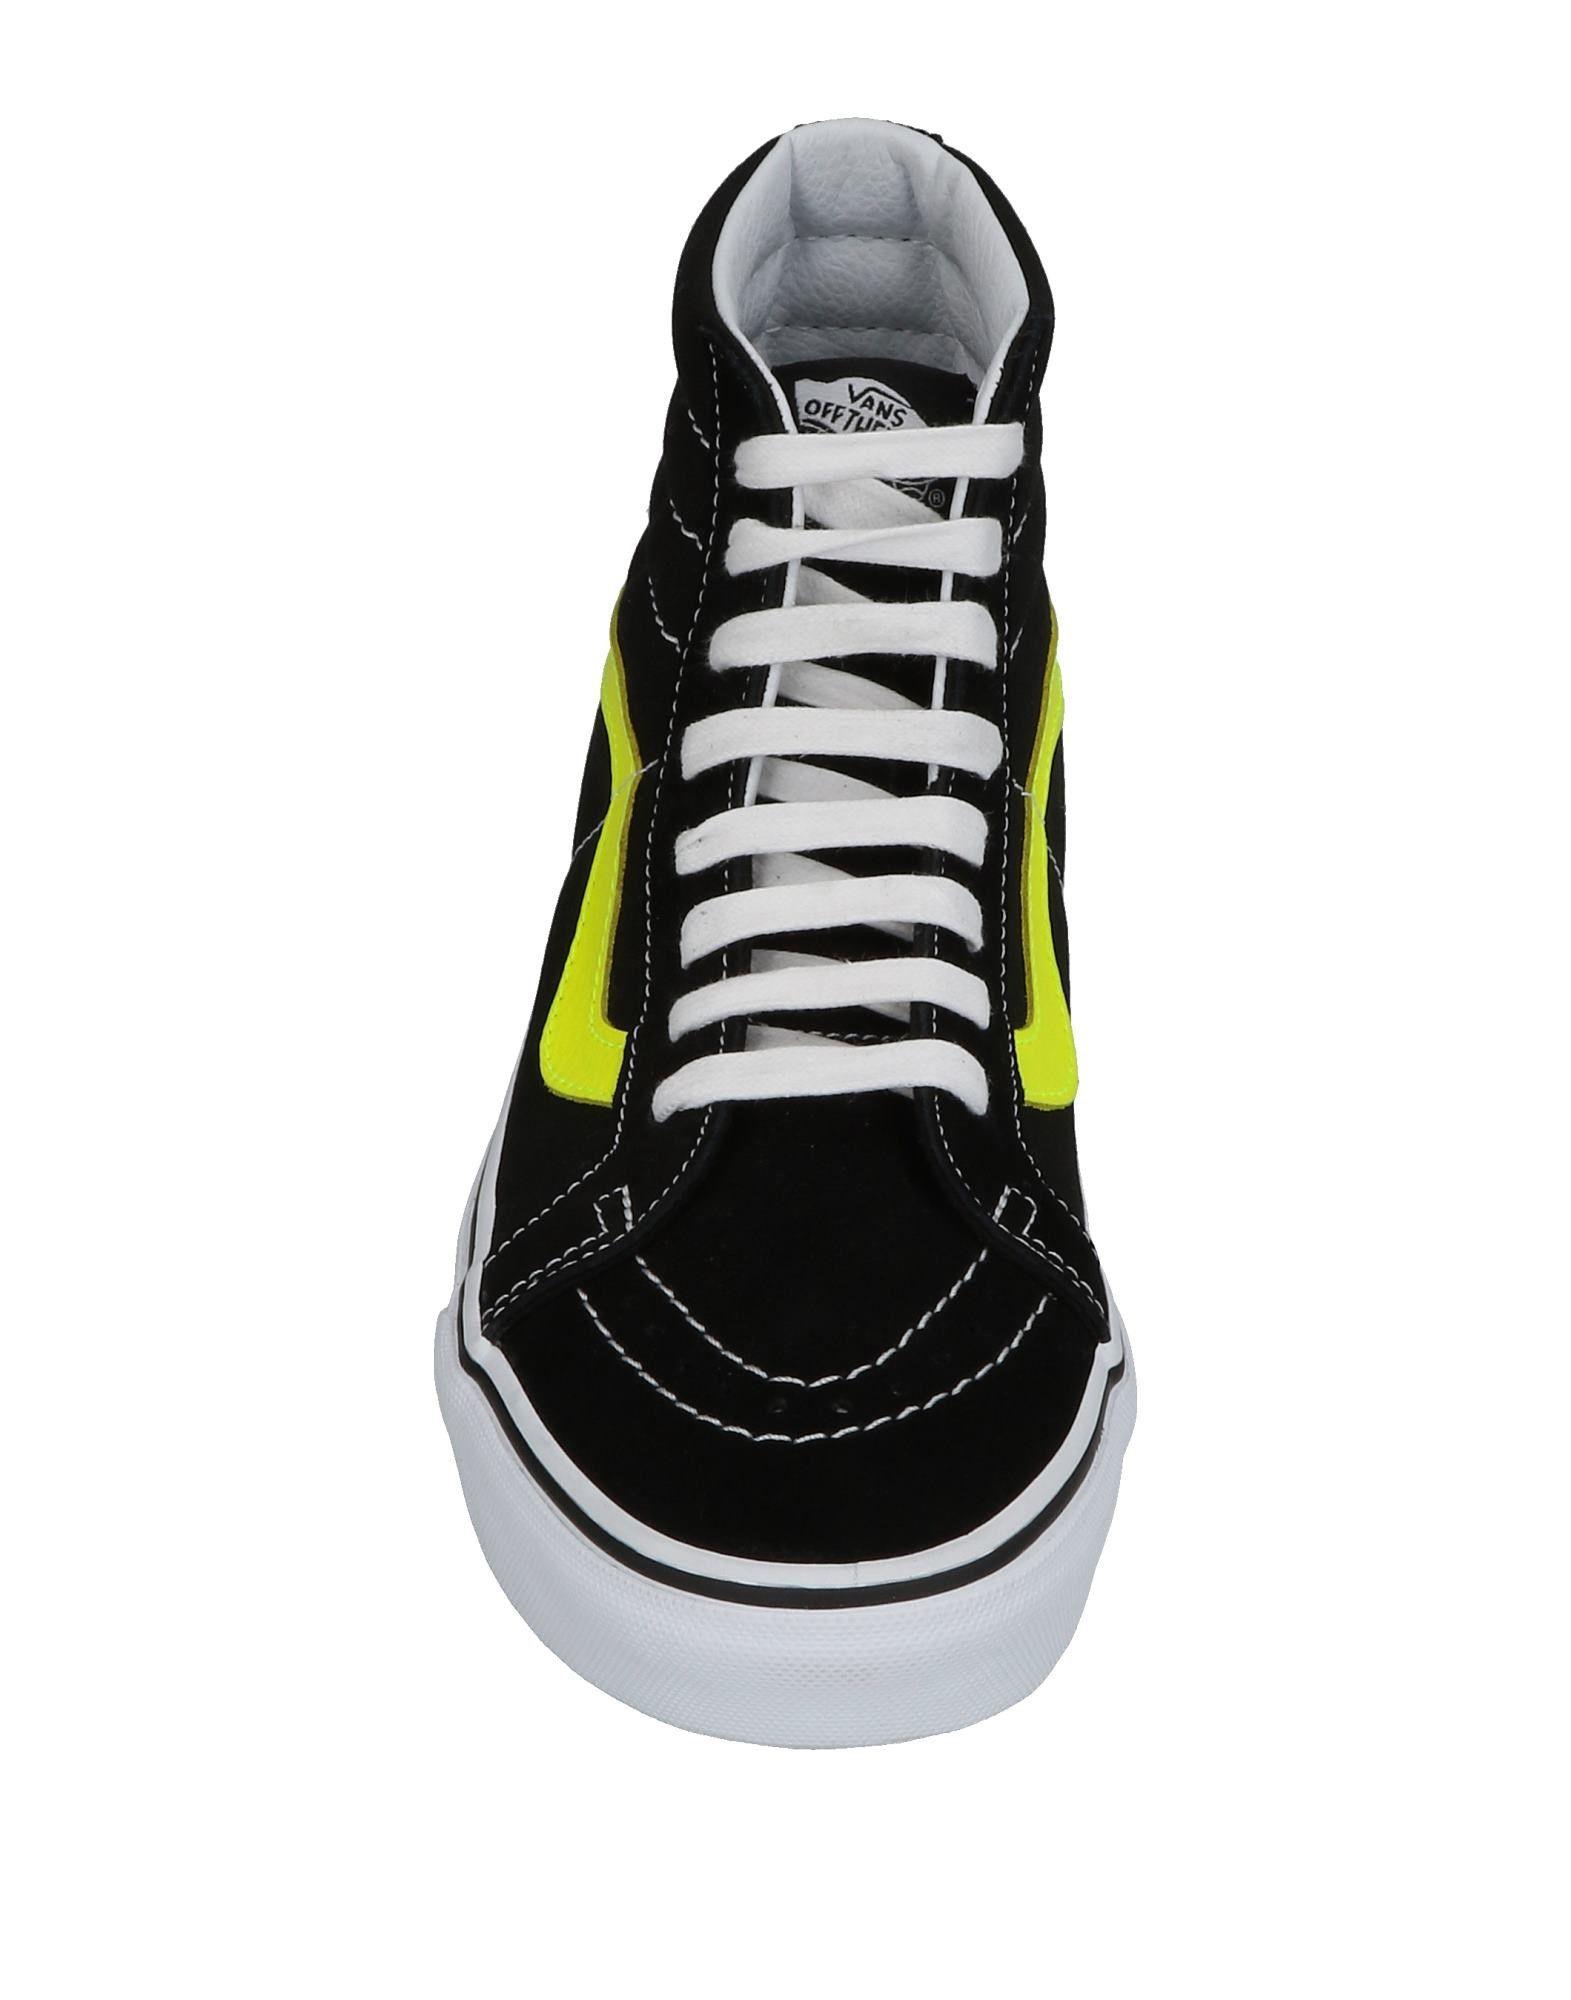 Vans Sneakers Herren Heiße  11429334HM Heiße Herren Schuhe 416c50